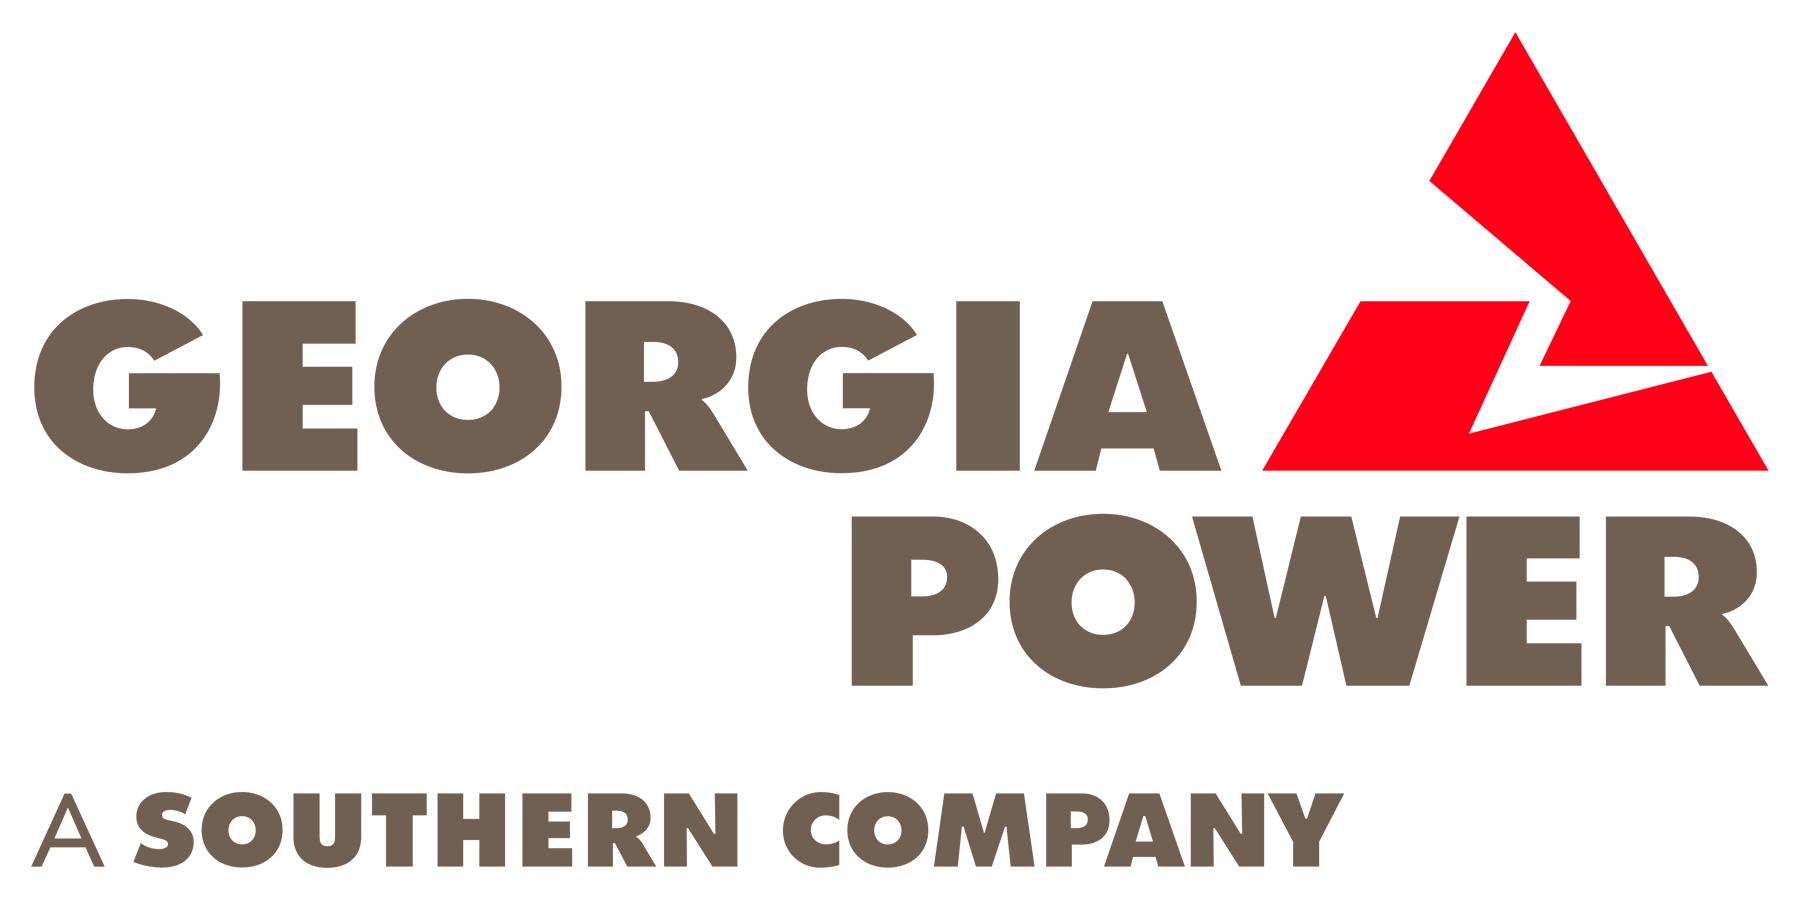 Georgia-Power-Logo-4.jpg